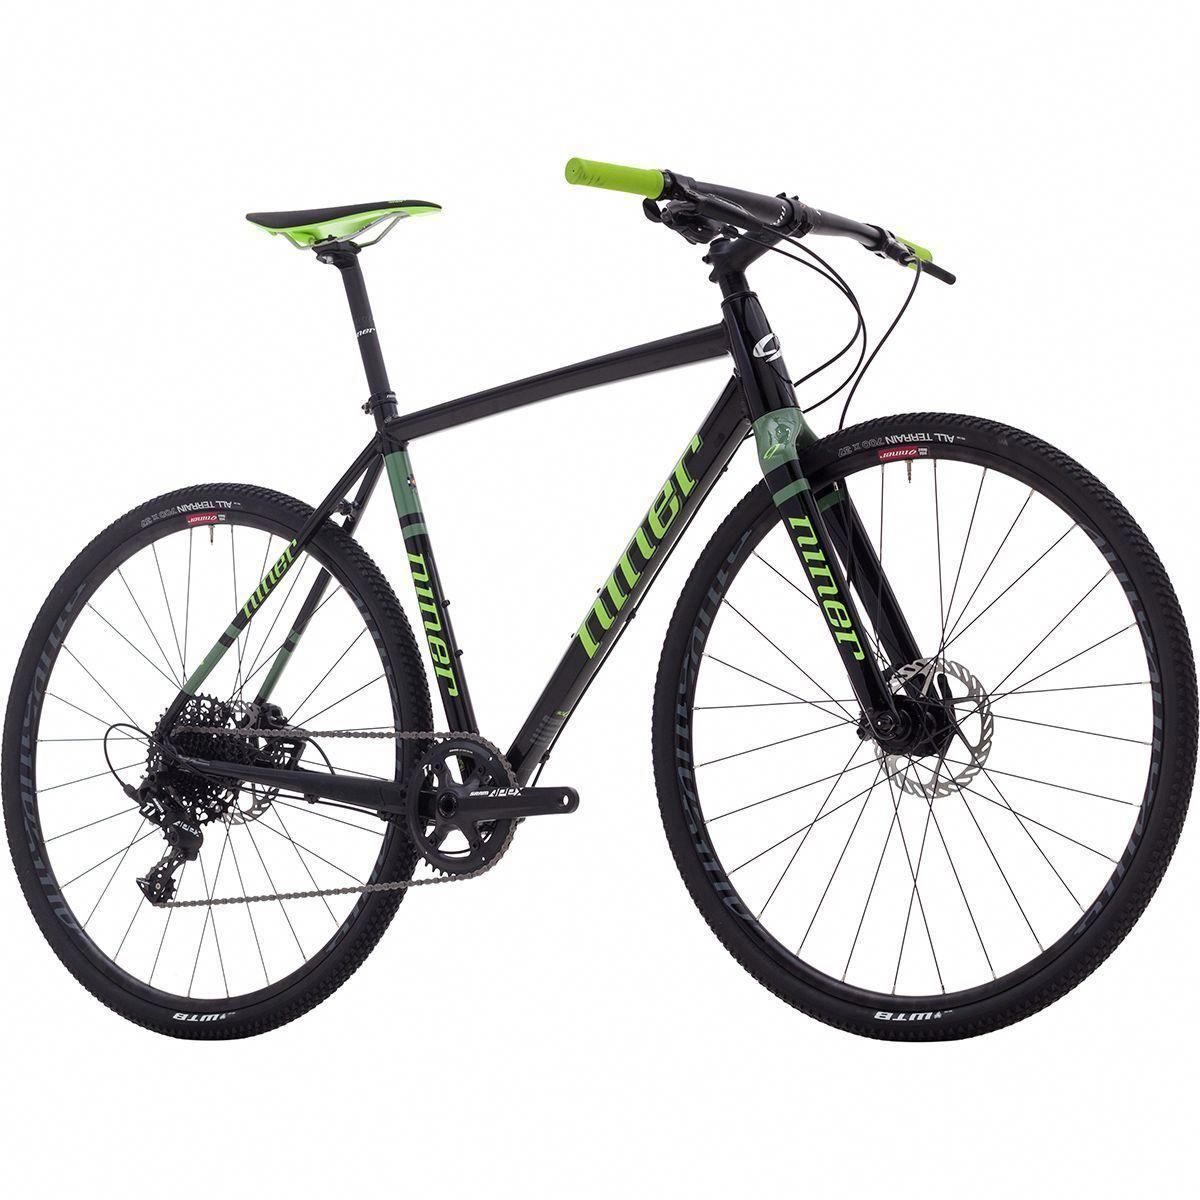 Niner RLT 9 1Star Gravel Bike roadbikewomen